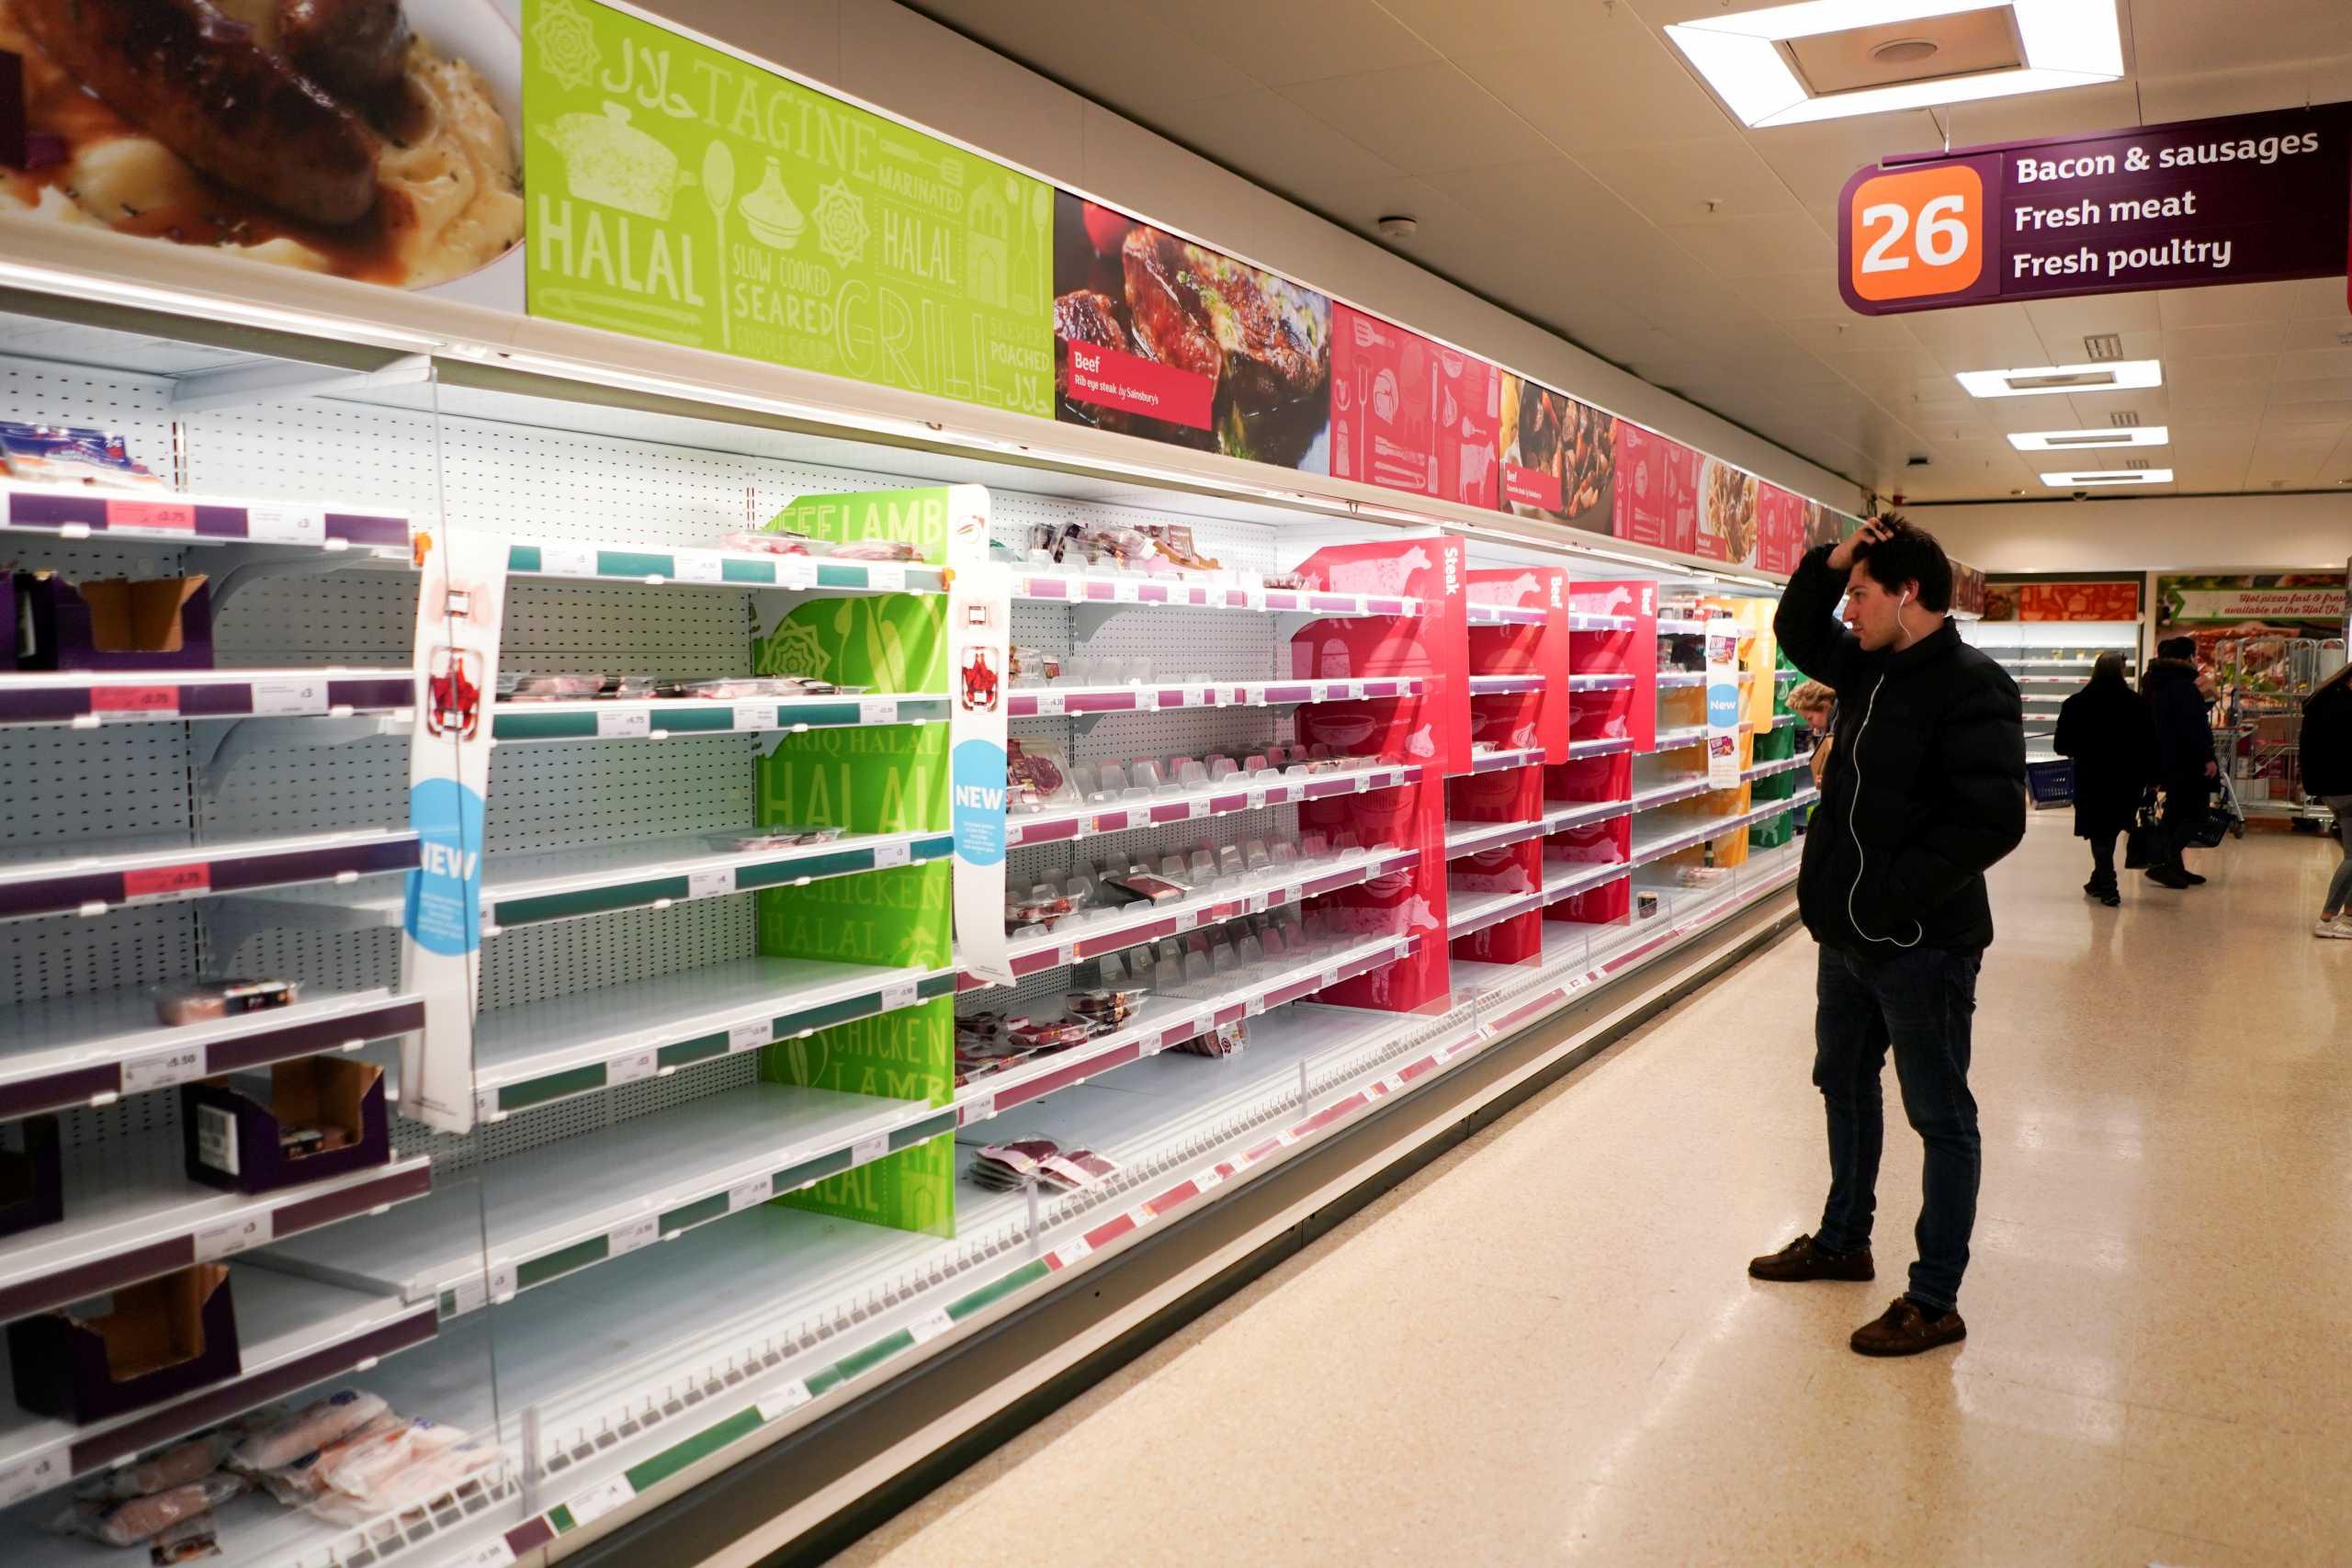 Βρετανία: Νέα γκάφα Τζόνσον απειλεί την οικονομία – Γιατί αδειάζουν τα ράφια των σούπερ μάρκετ